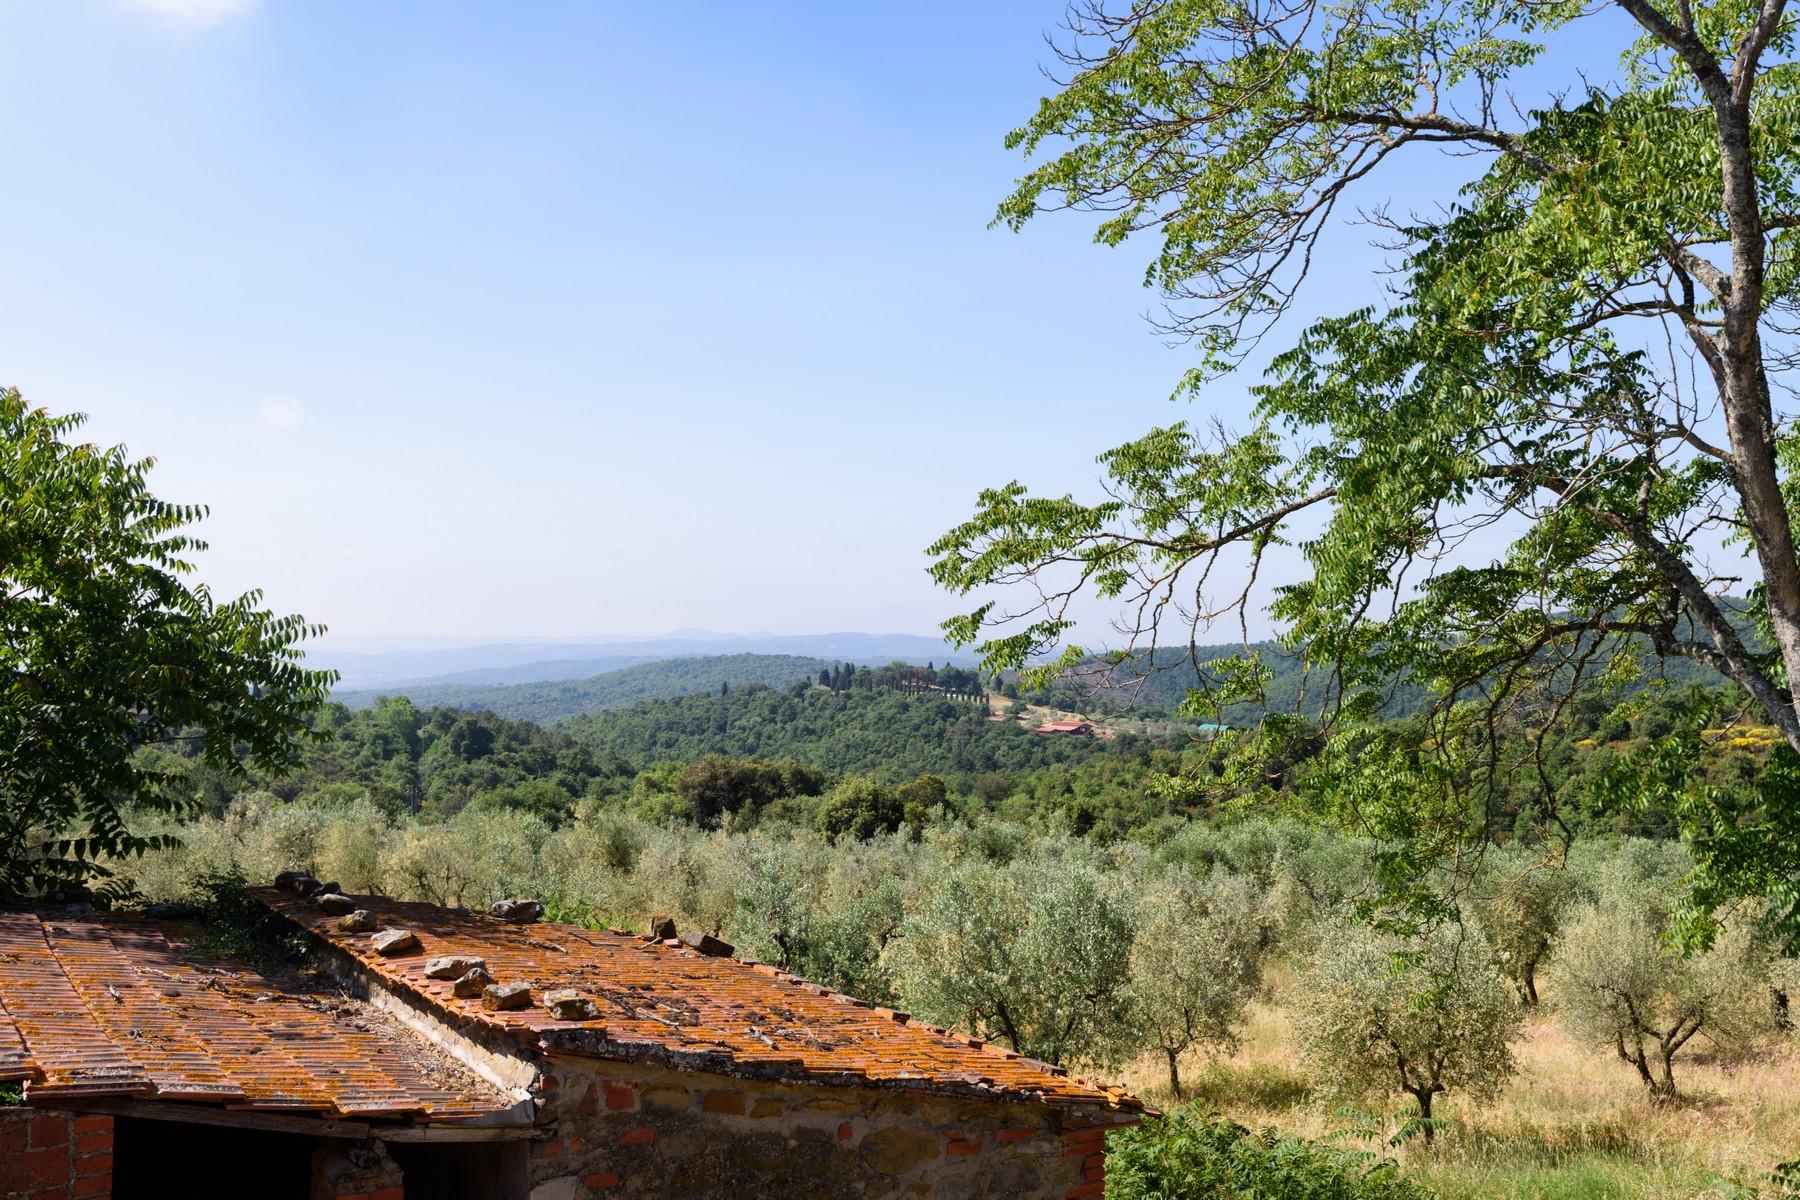 Rustico in Vendita a Monte San Savino: 5 locali, 370 mq - Foto 10